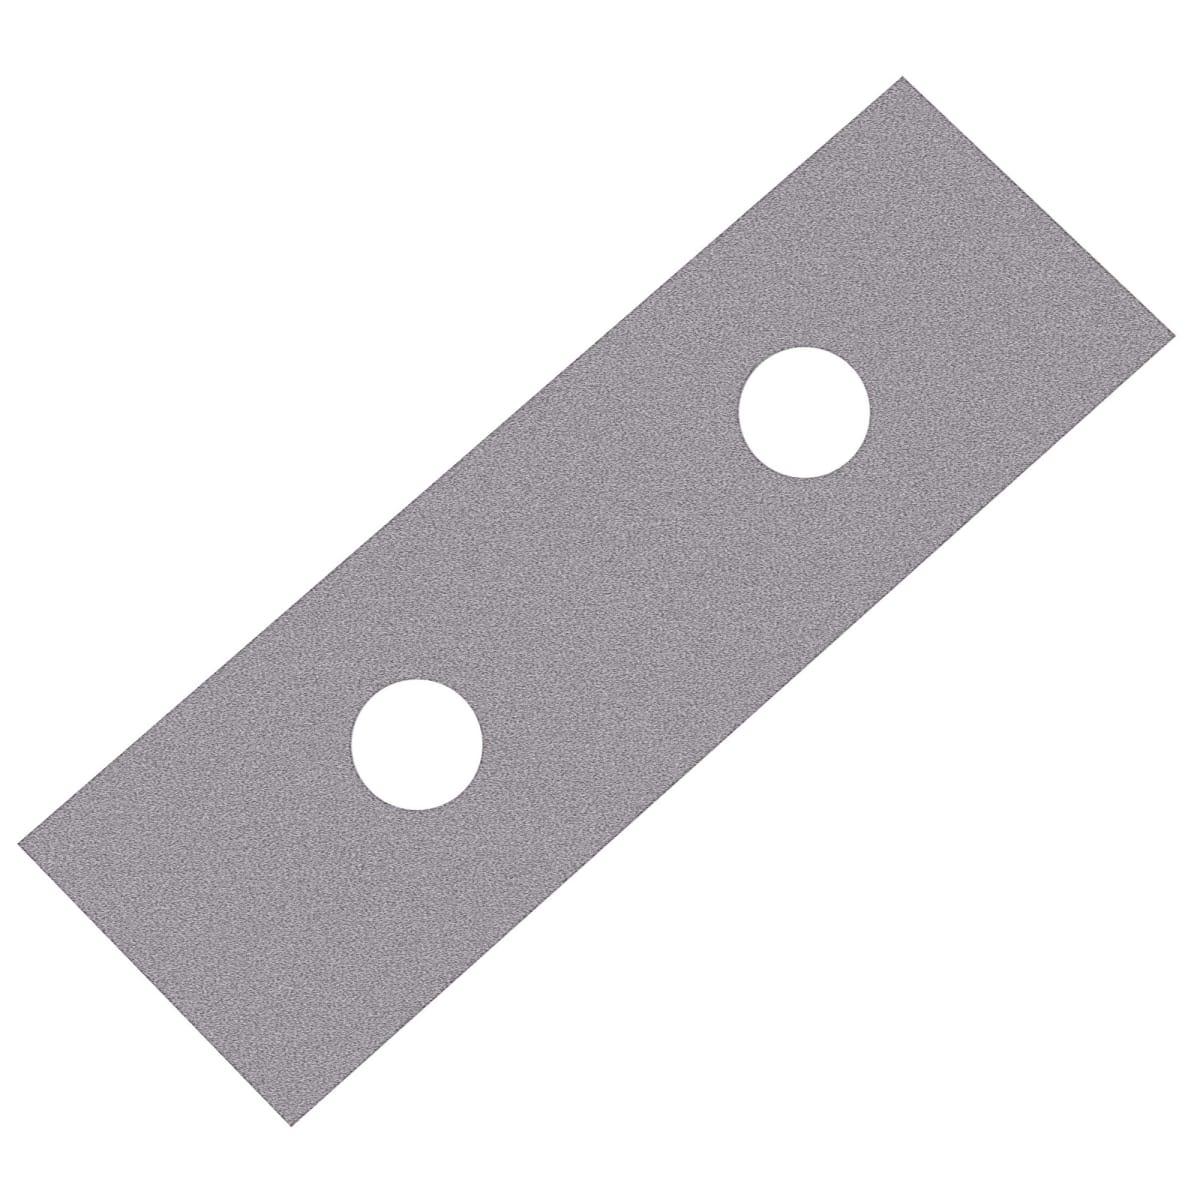 Пластина бытовая 50х14х1.5 мм, сталь